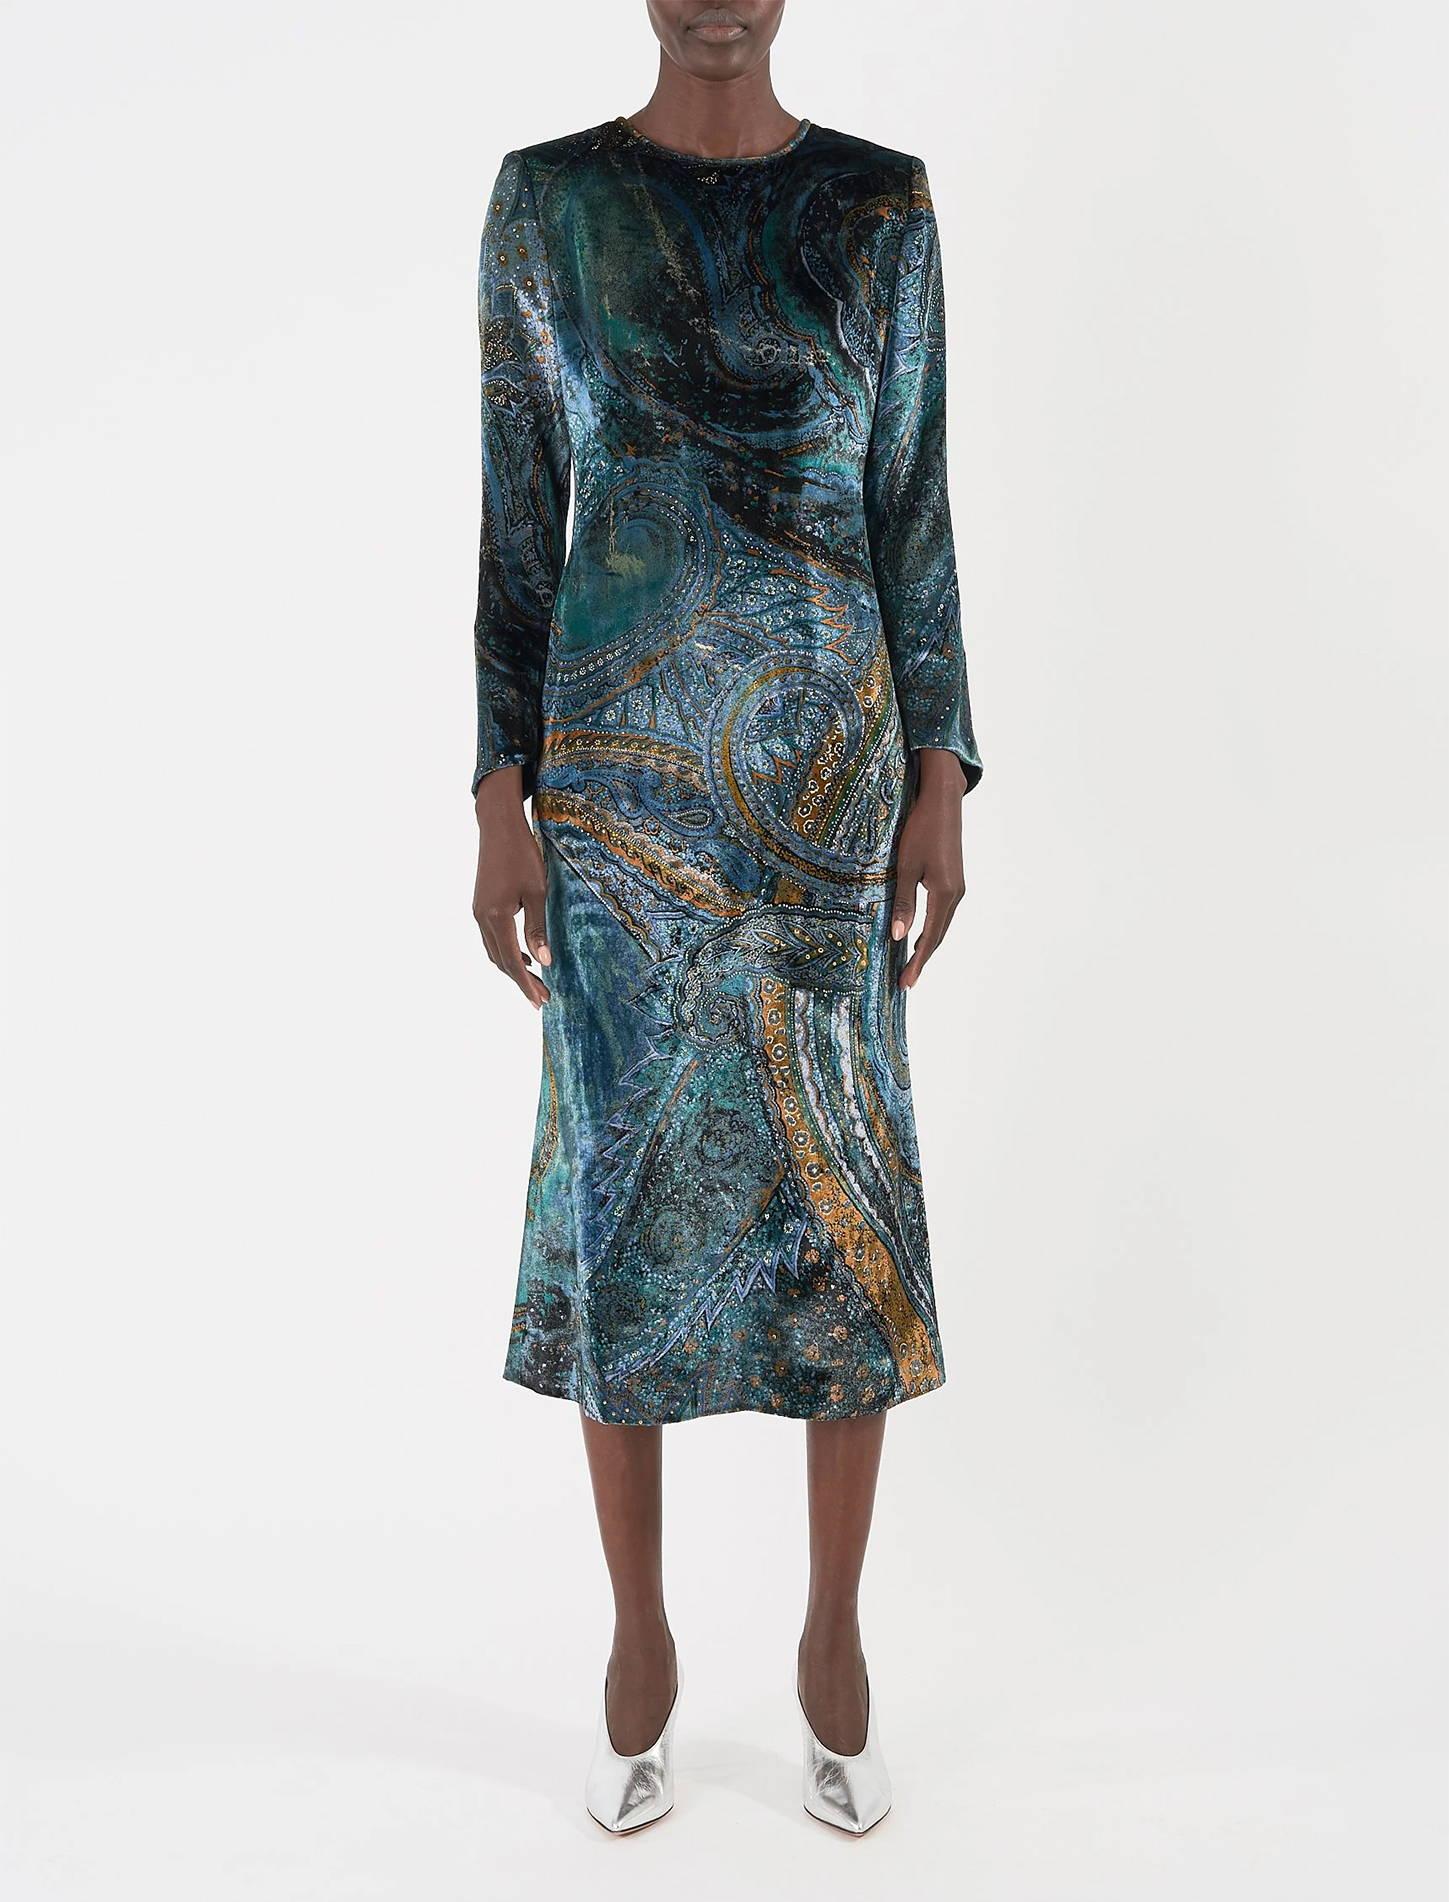 Shop Vintage Apparel including Dresses